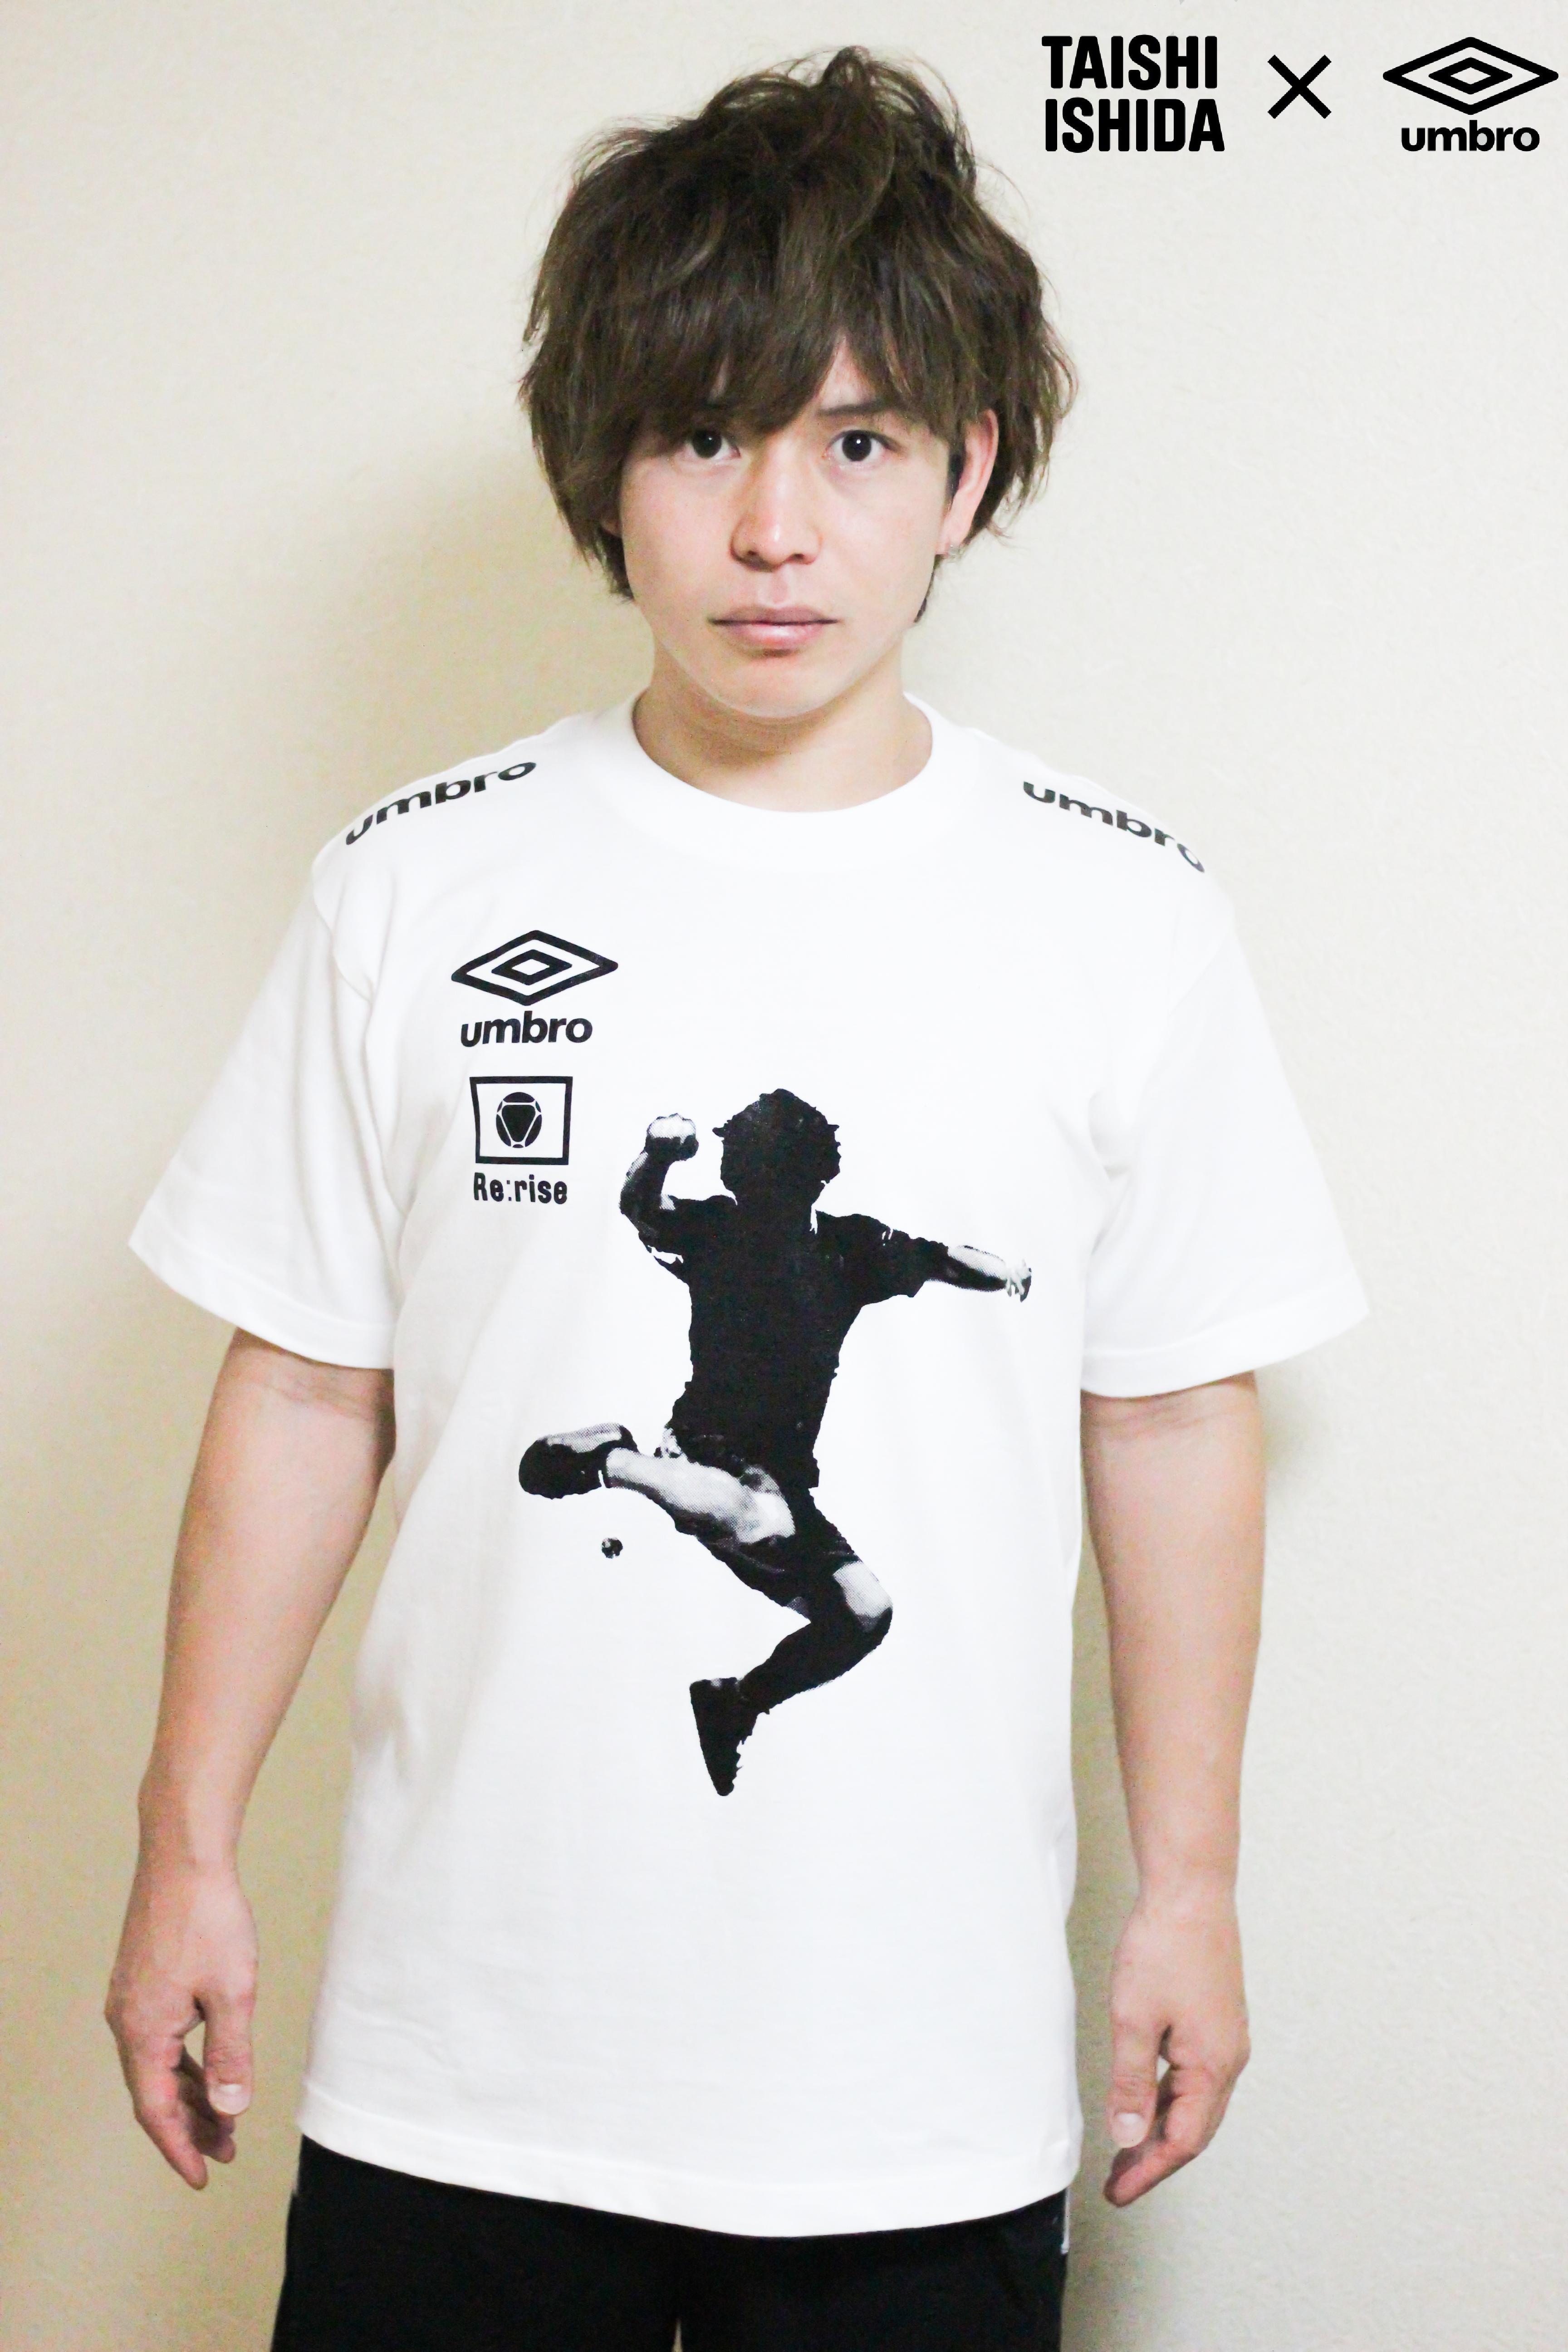 【世界大会モデルリリース】umbroとコラボレーションした世界大会モデルのTシャツをリリース